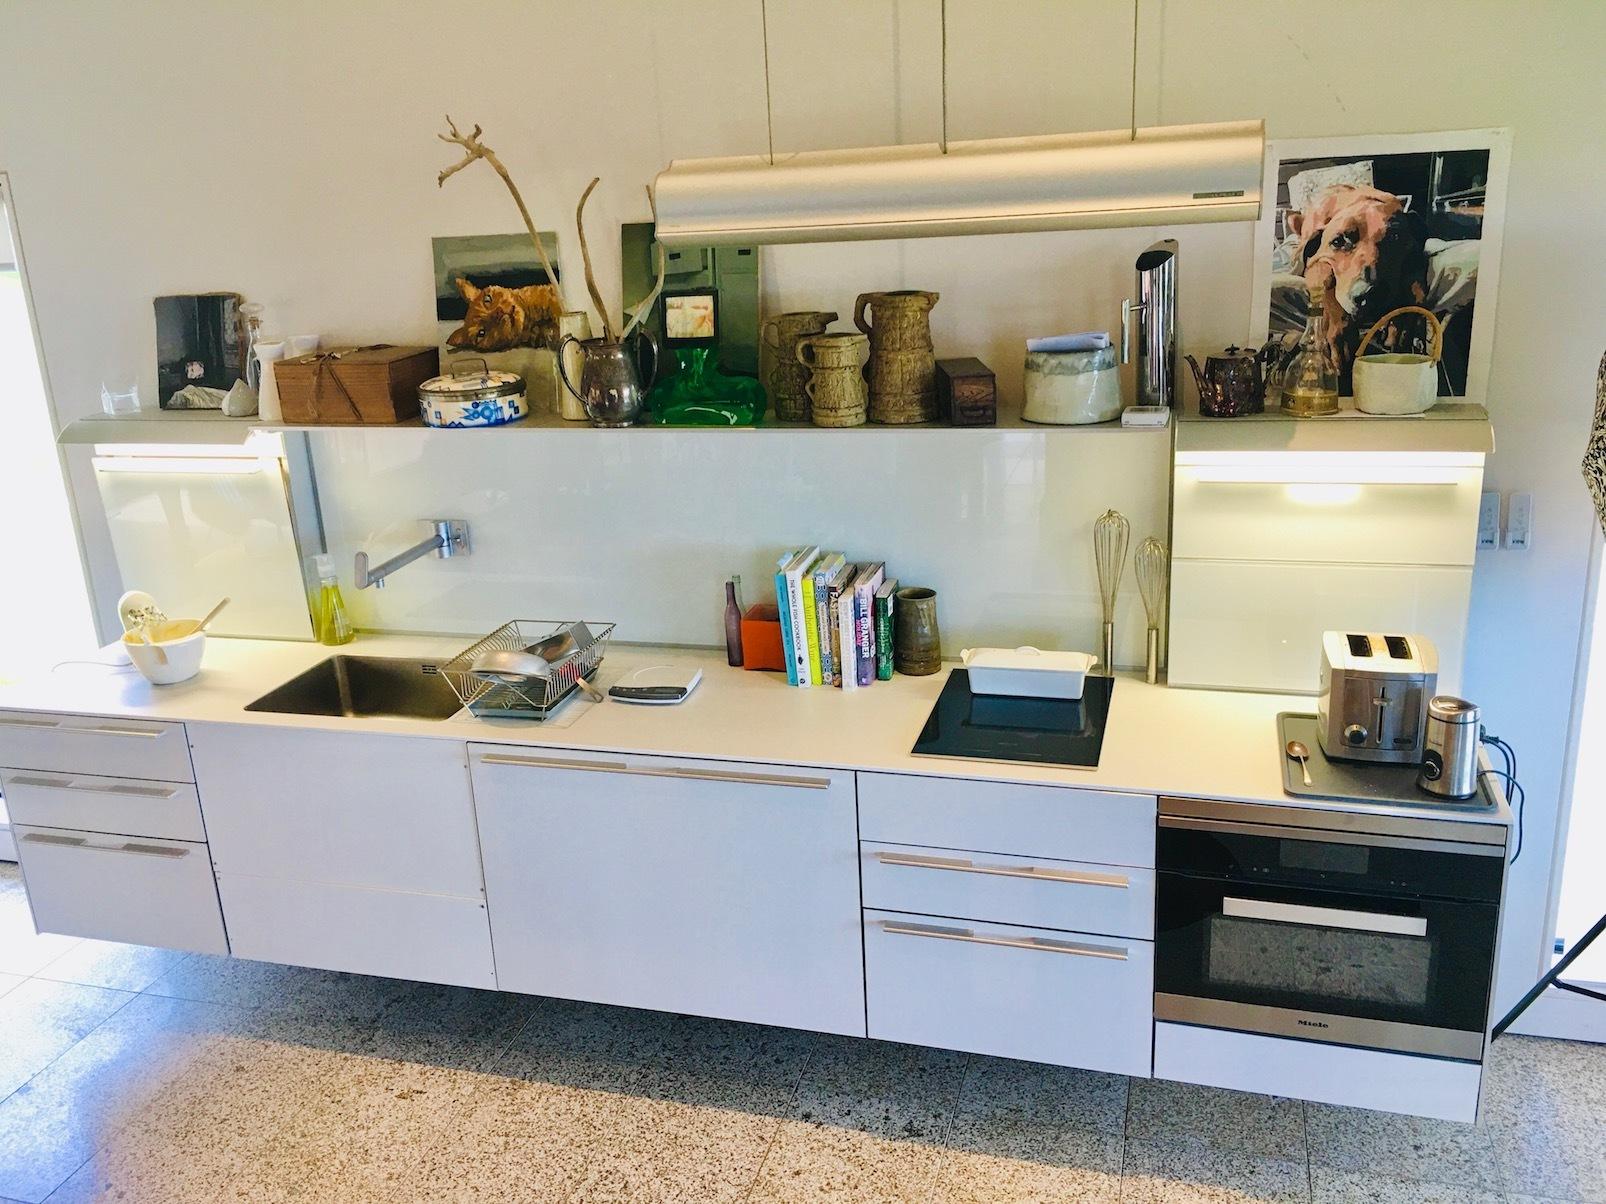 宝の持ち腐れ的キッチンにて/ Unused Bulthaup Kitchen_e0310424_17362393.jpg